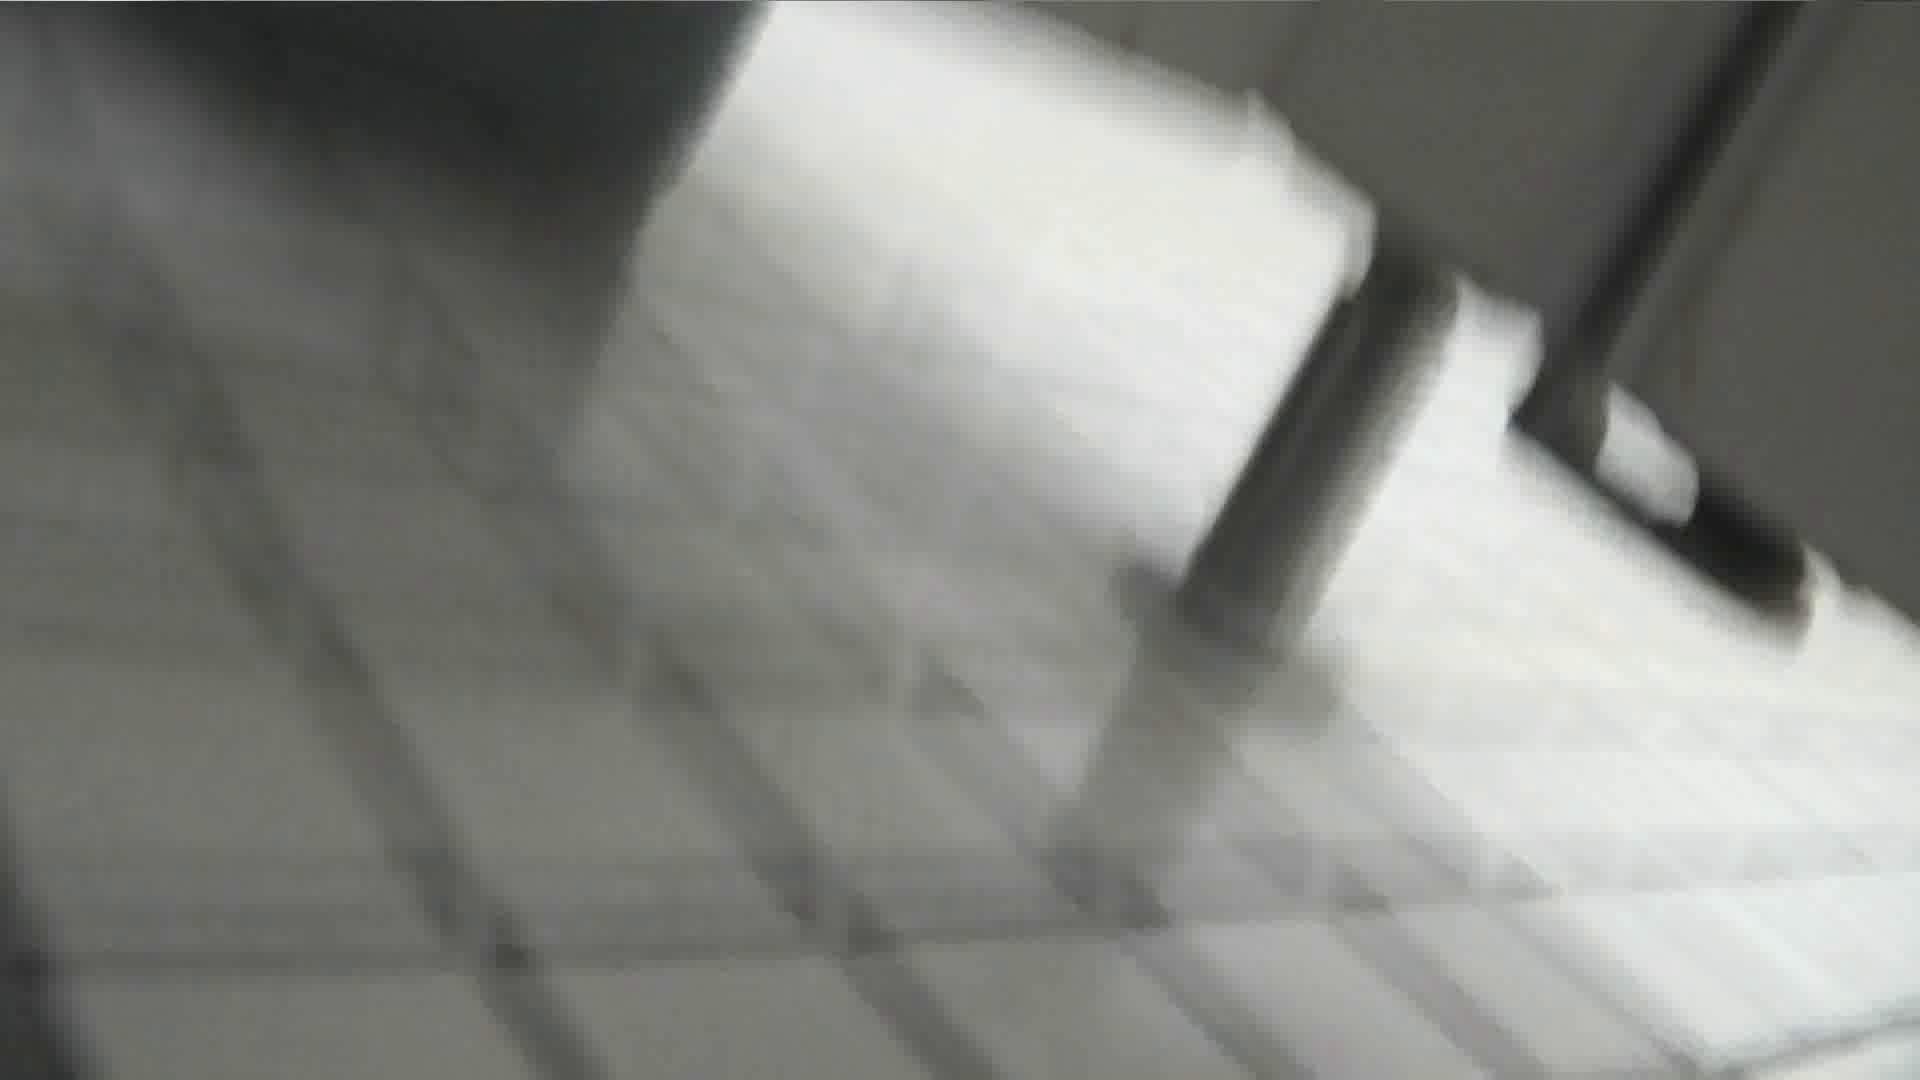 vol.20 命がけ潜伏洗面所! 清楚系可愛いギャル OLの実態 盗撮エロ画像 103pic 38